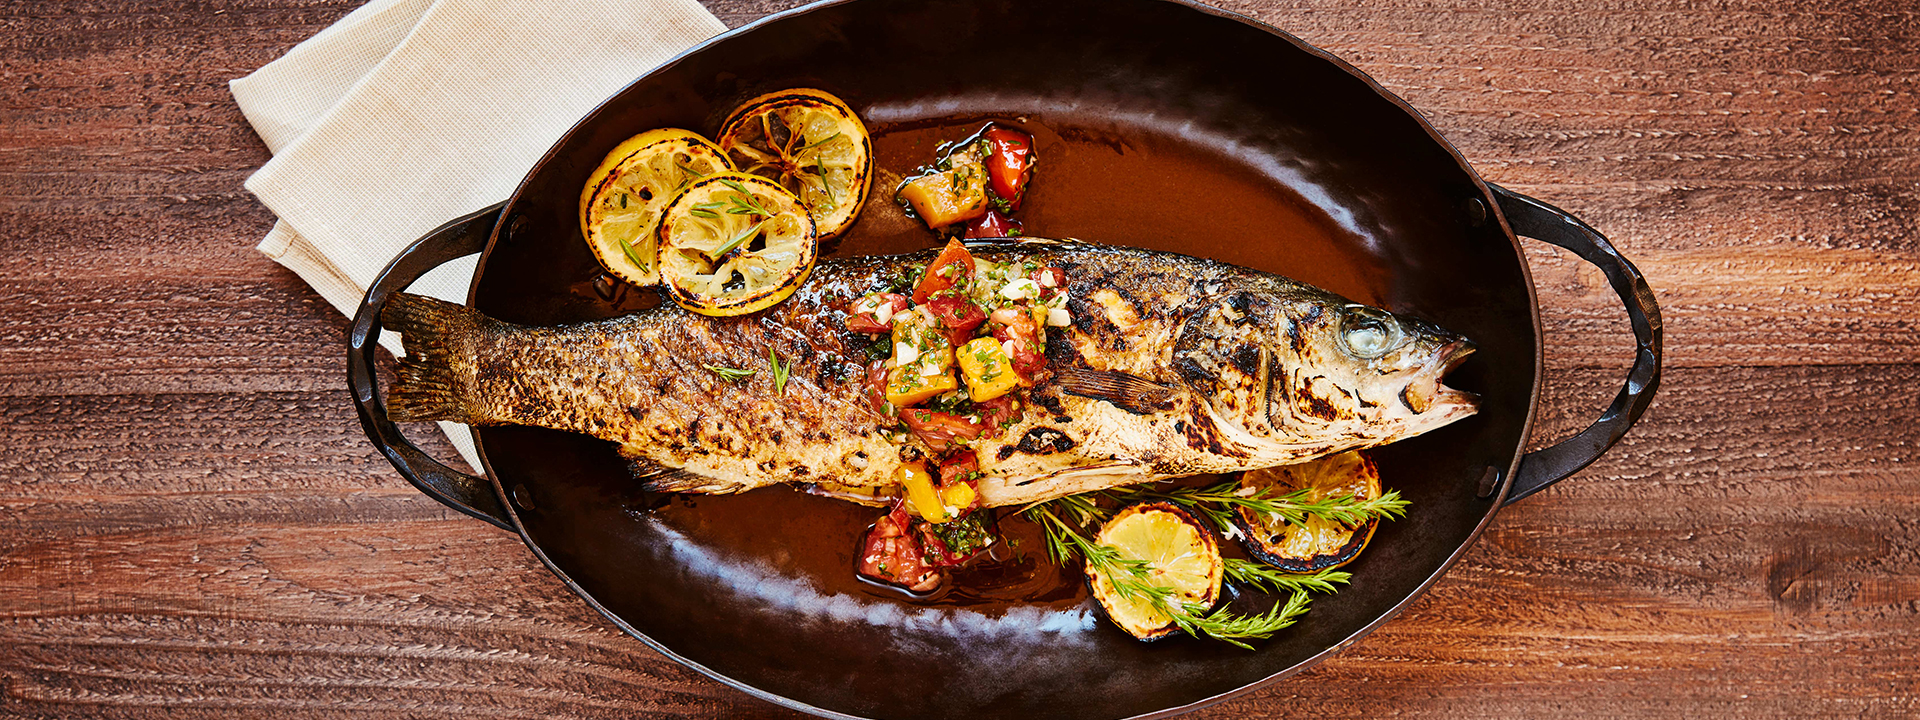 Fish dish with lemon and seasoning